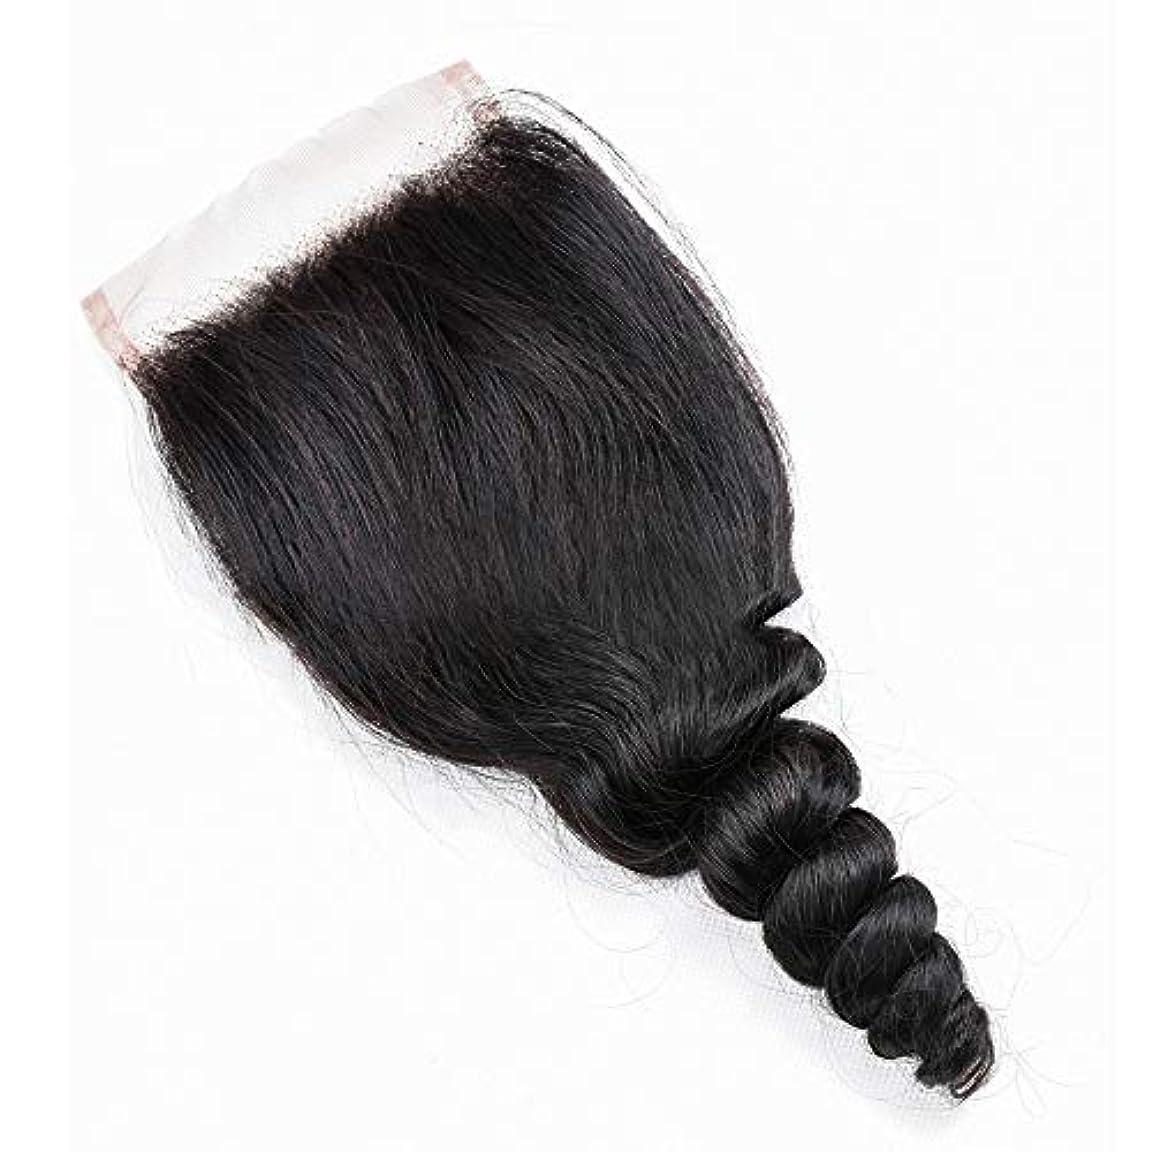 緯度作成する簡単なWASAIO レース閉鎖緩い波ブラジルバージン人間の髪の毛 (色 : 黒, サイズ : 14 inch)